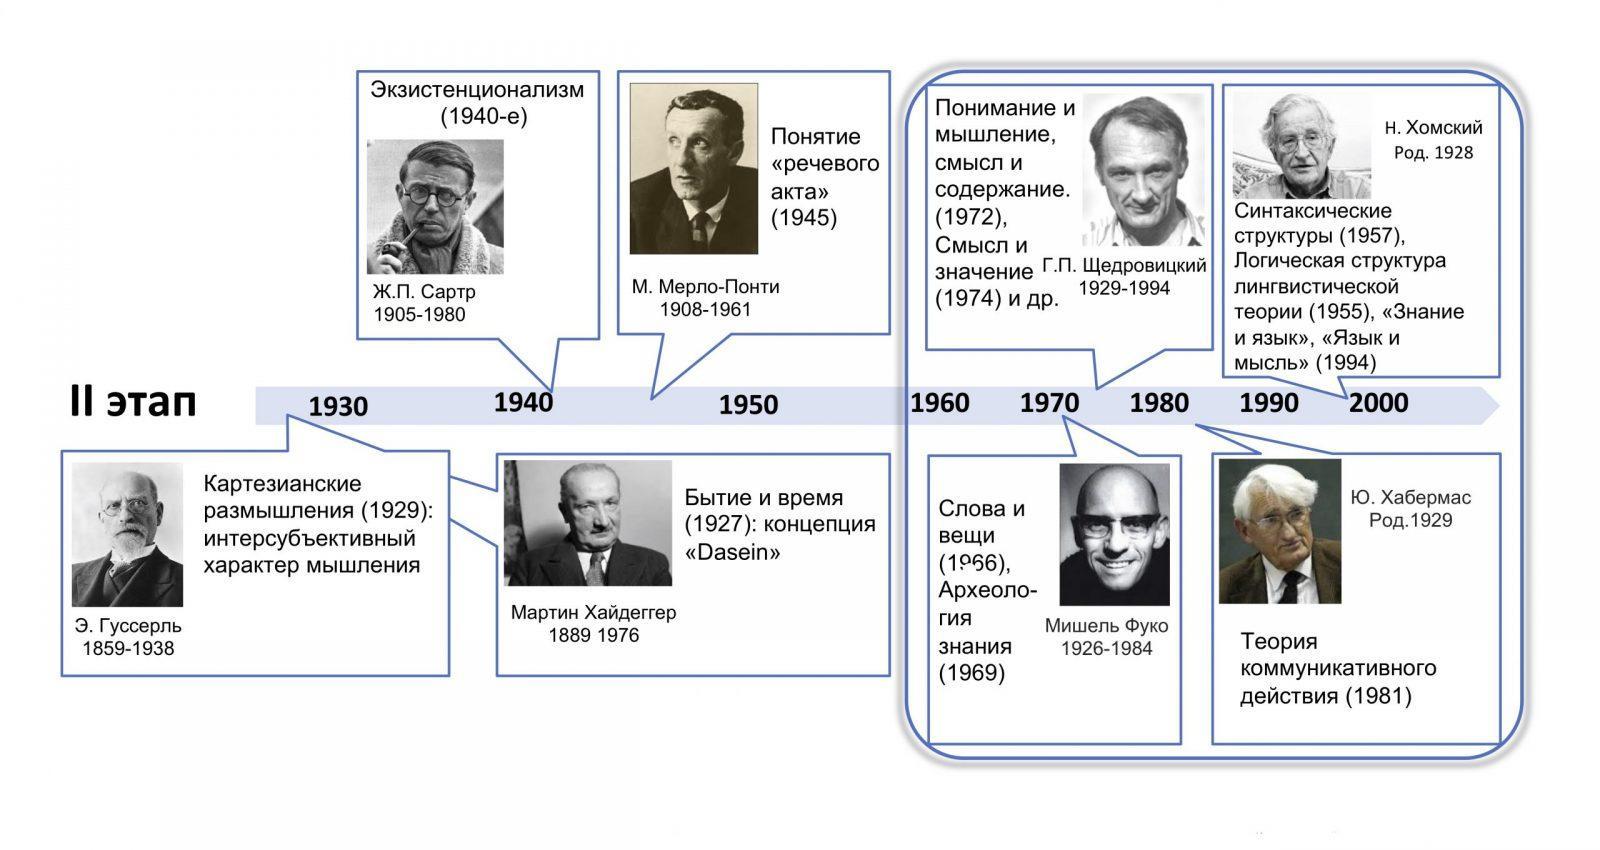 Путь длиною в 600 лет: шаги в развитии праксеологии